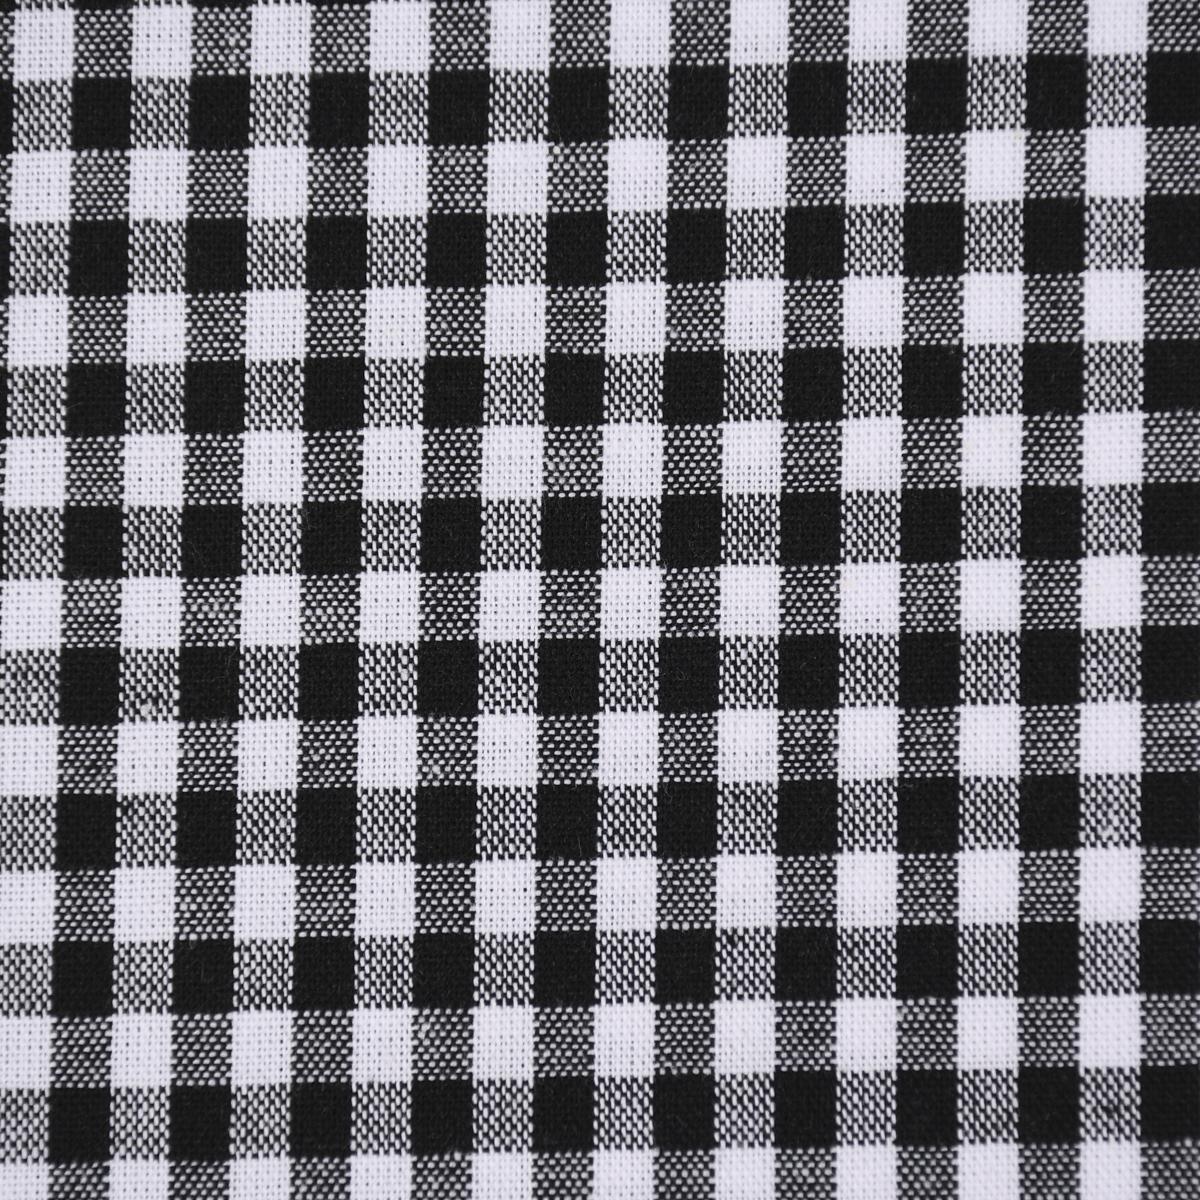 Baumwollstoff kariert weiß schwarz 5mm 1,4m Breite